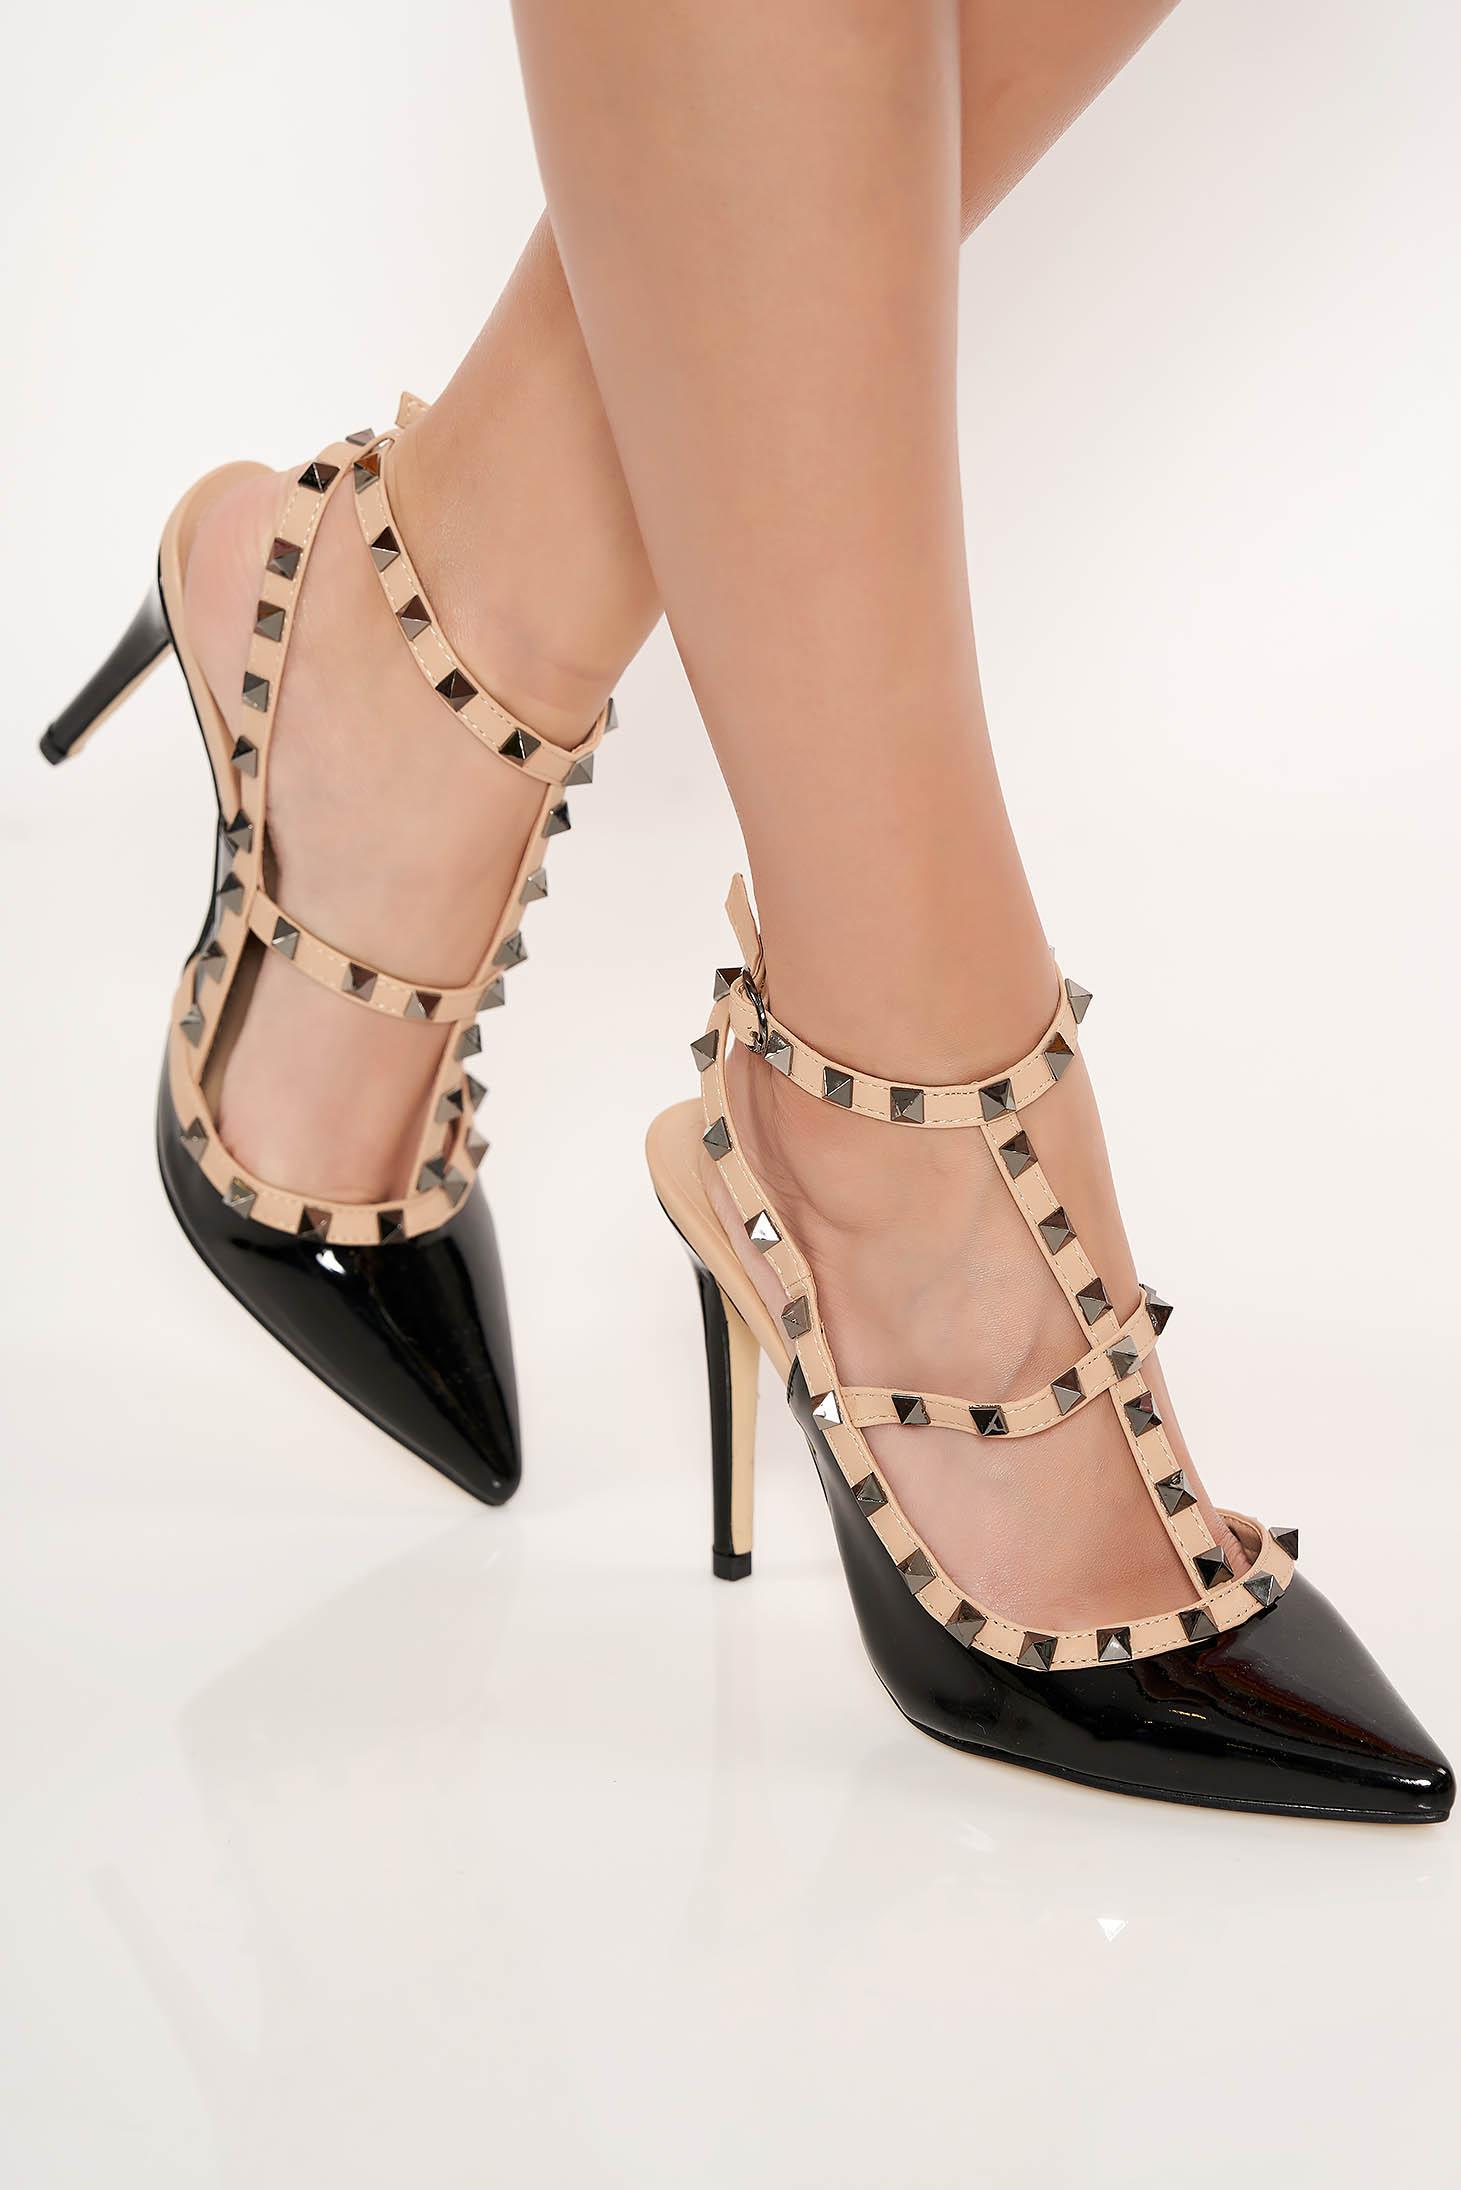 Pantofi stiletto negru cu toc inalt din piele ecologica lacuita cu tinte metalice